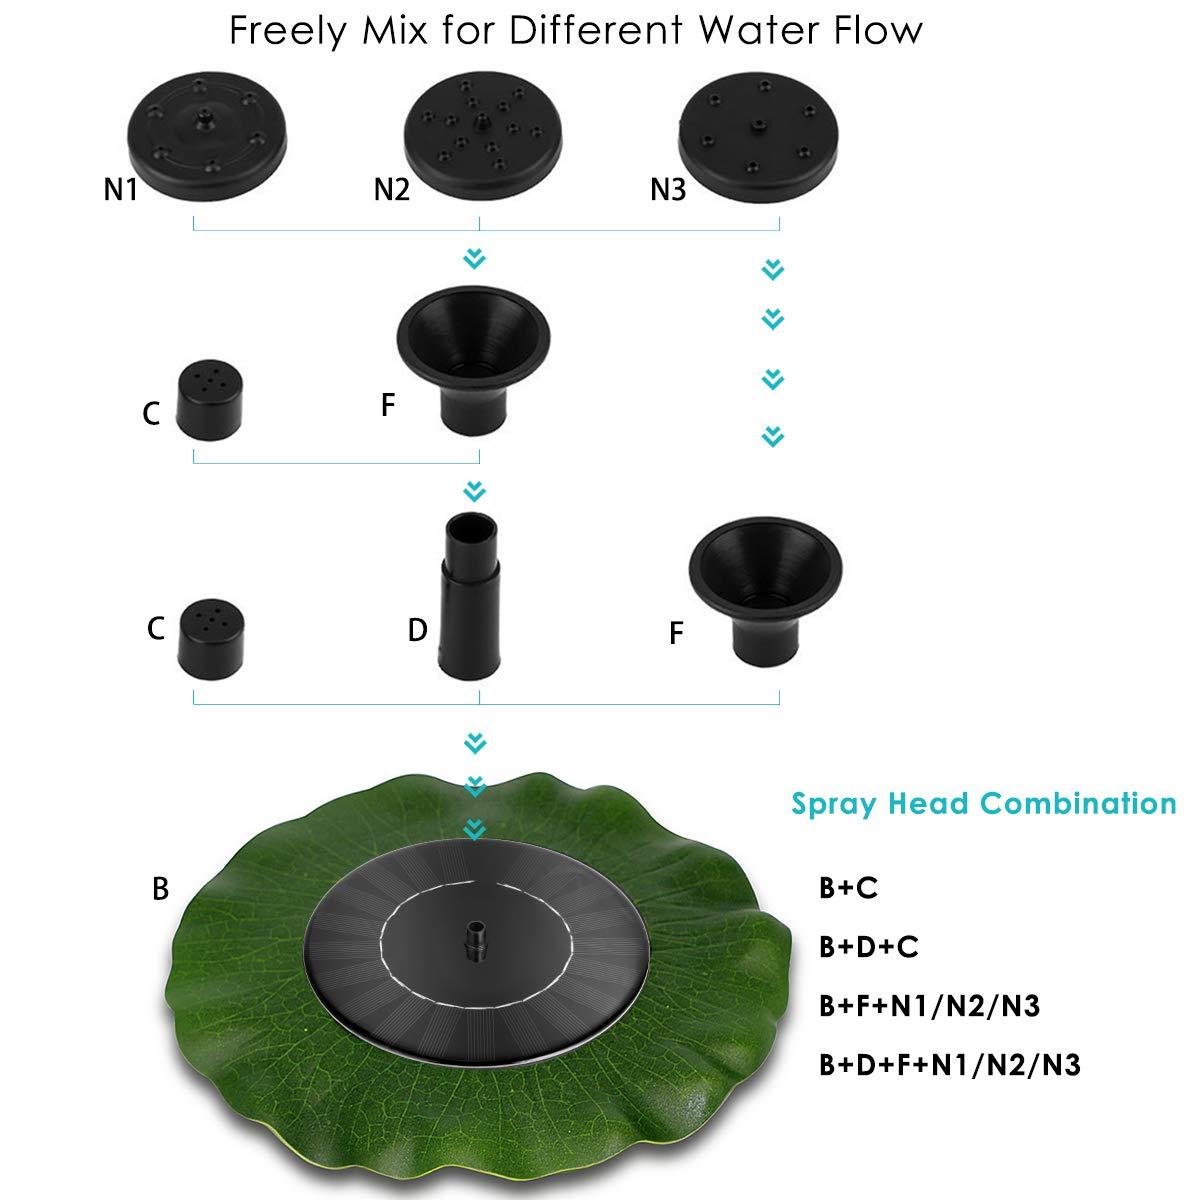 Yinuoday Fontaine Solaire pour Bain doiseaux D/écoration de Jardin avec Feuille de Lotus et 4 t/êtes de pulv/érisation Diff/érentes